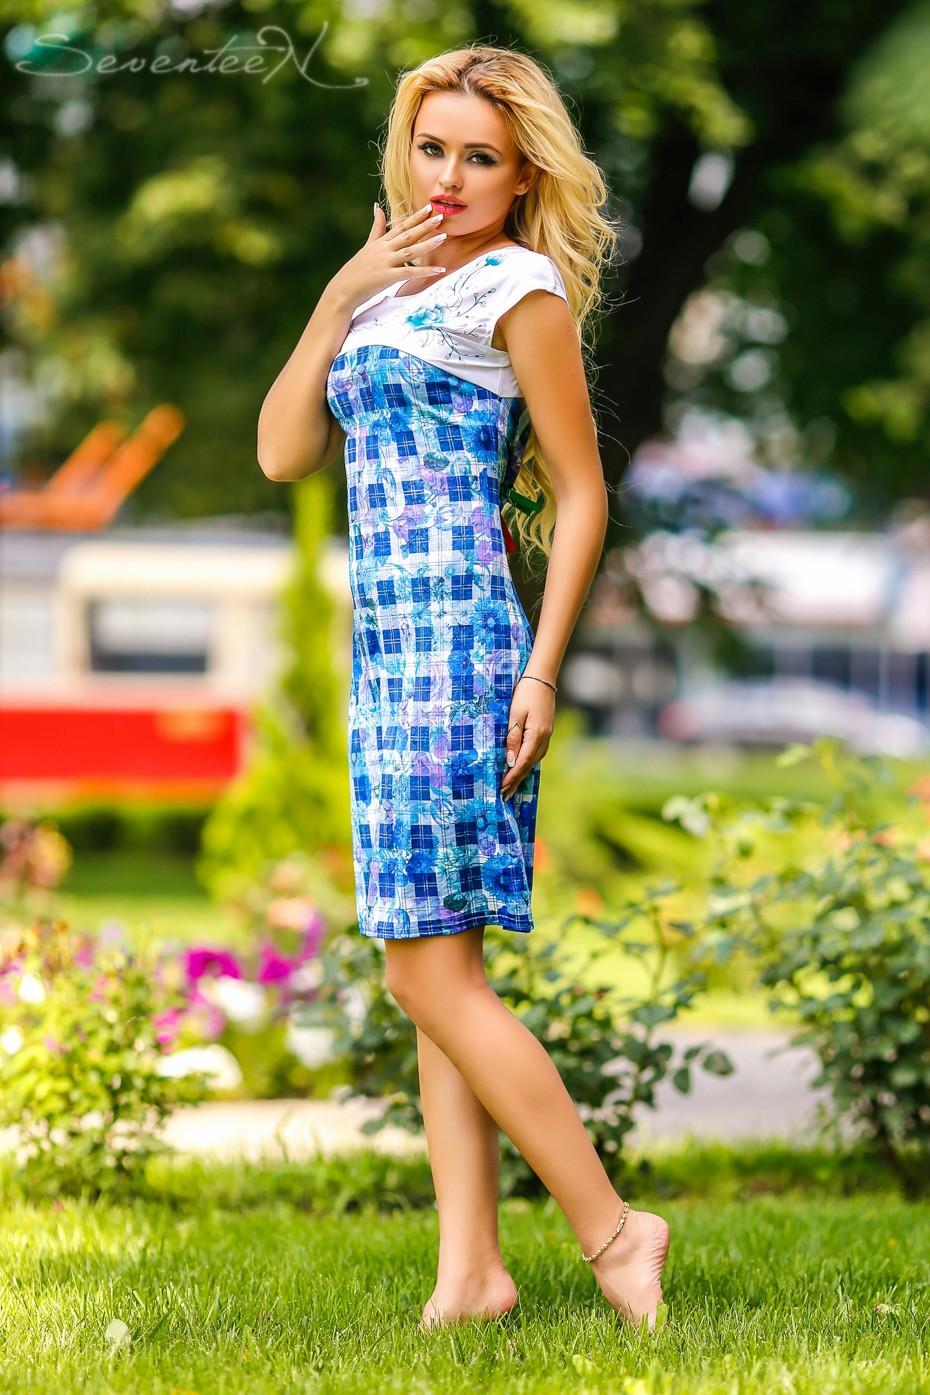 Сбор заказов. In modo - это модная женская одежда. Отличное качество, доступная цена! Скидки на летнюю коллекцию! Выкуп